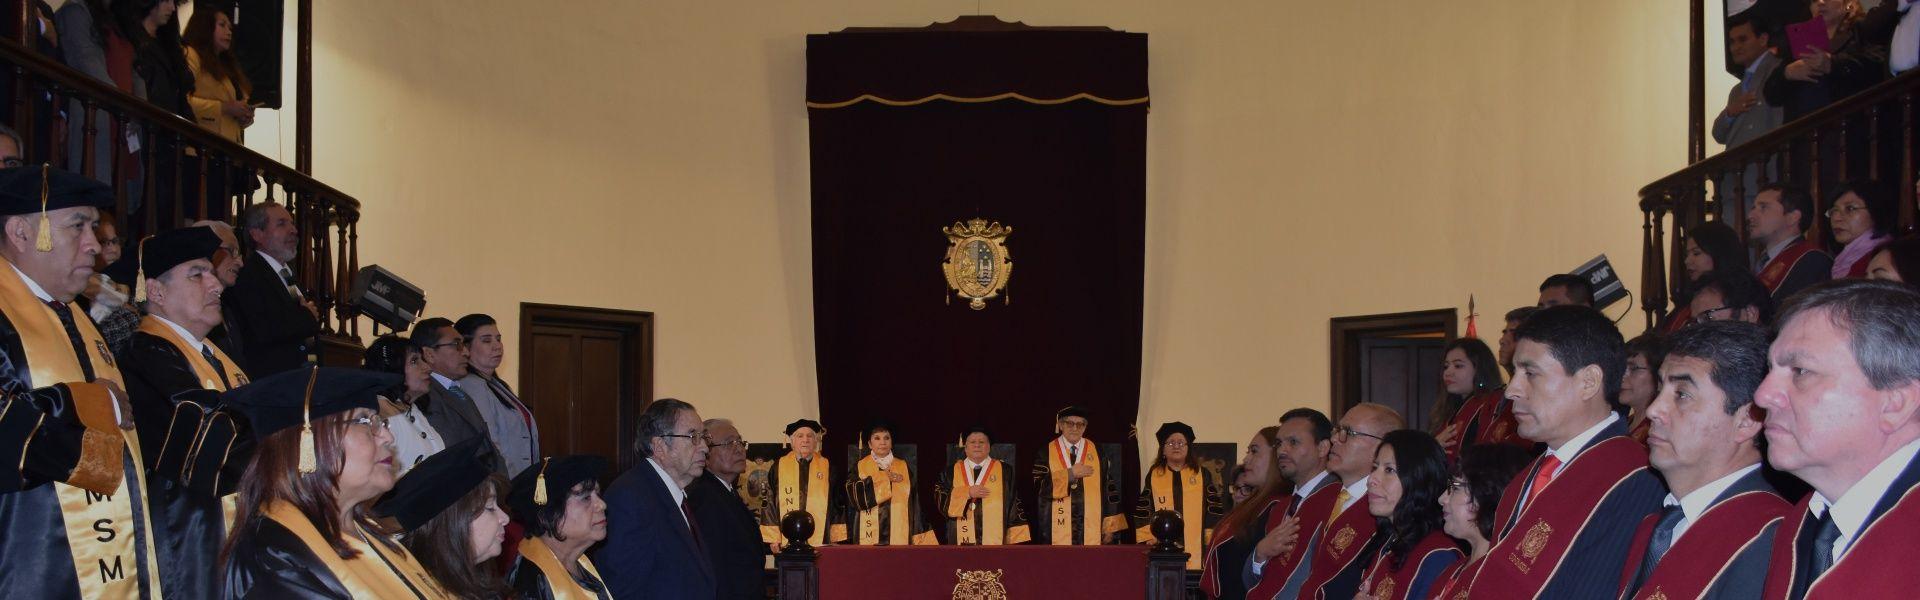 Ceremonia de Graduación y Titulación 2019